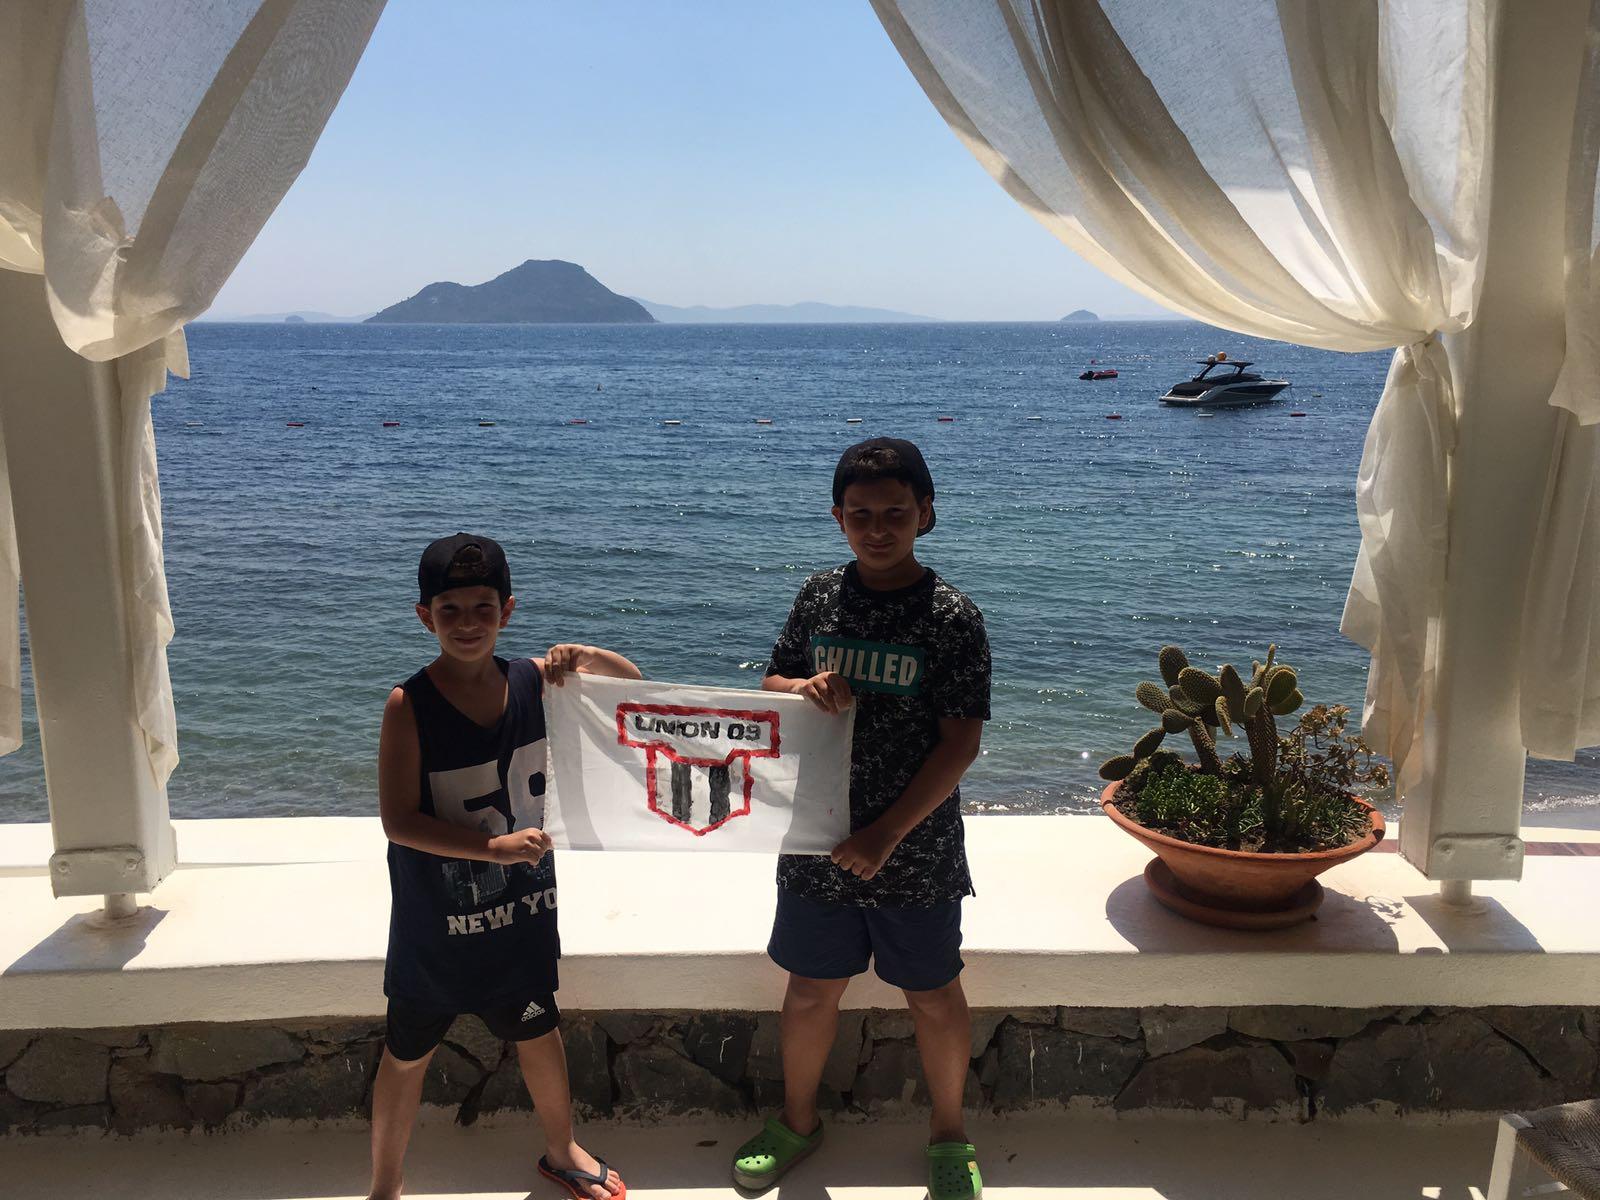 Fotoaktion – Urlaubsgrüße aus der Türkei